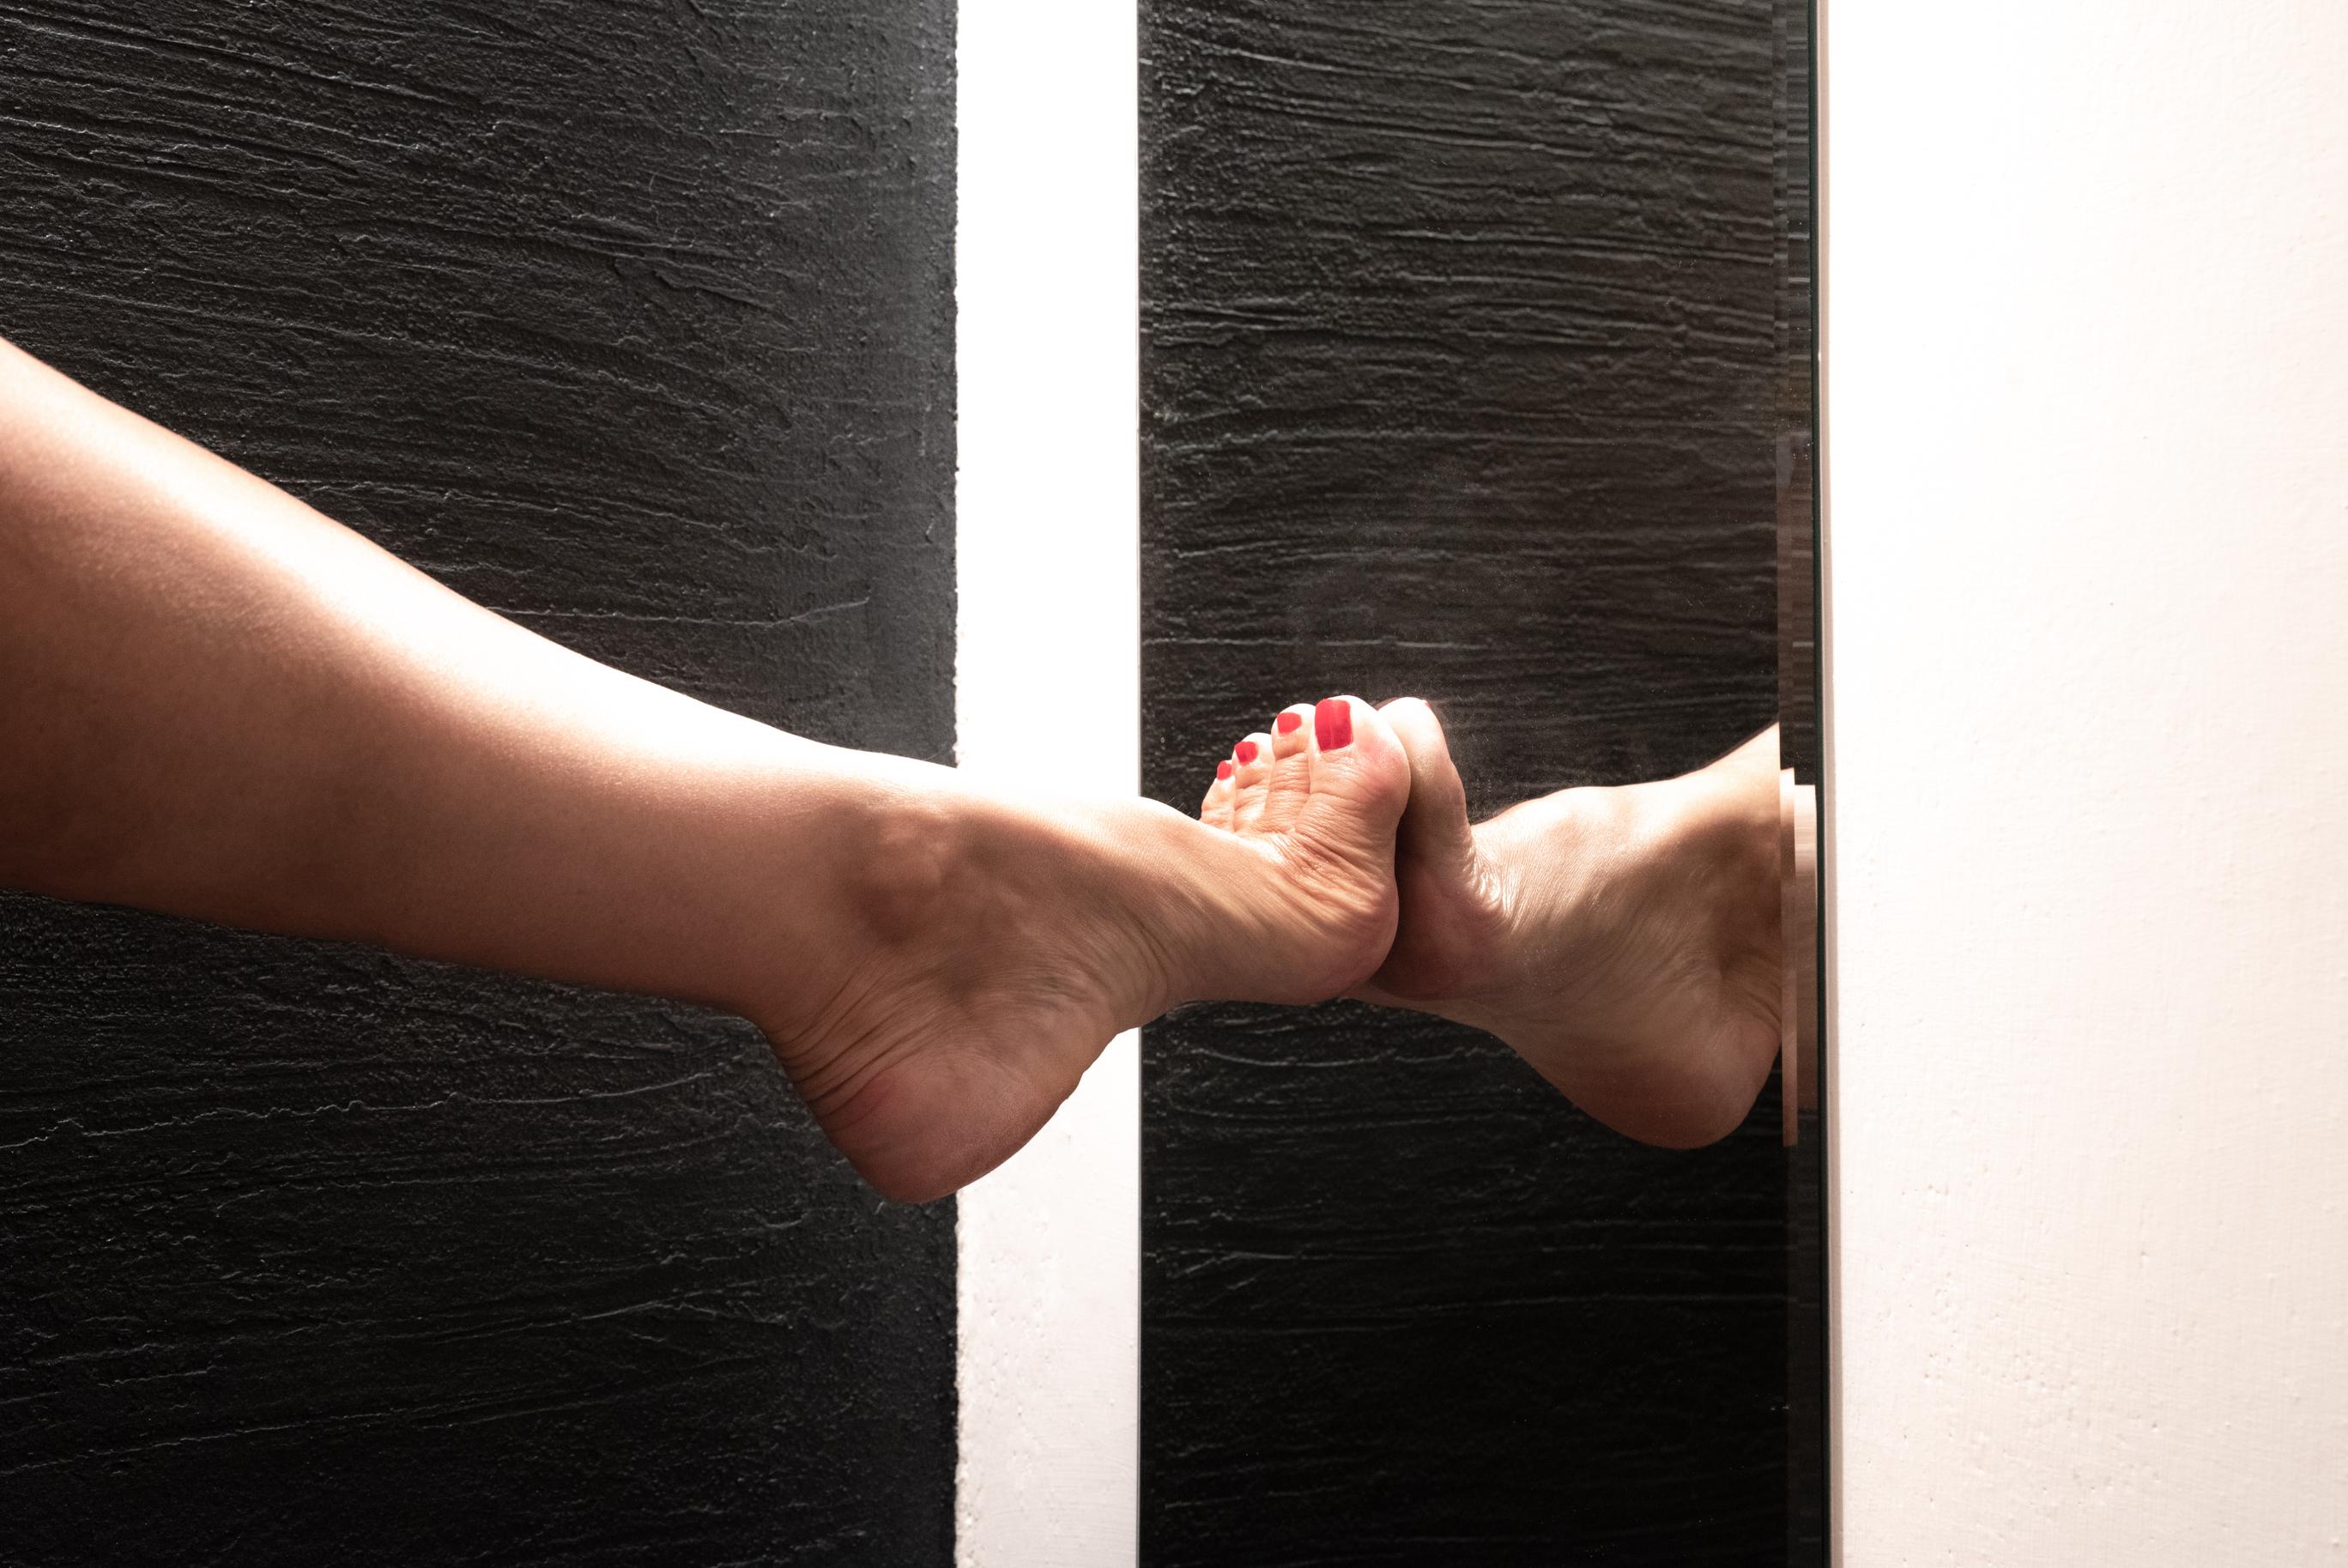 Feet in the mirror di marina_mangini